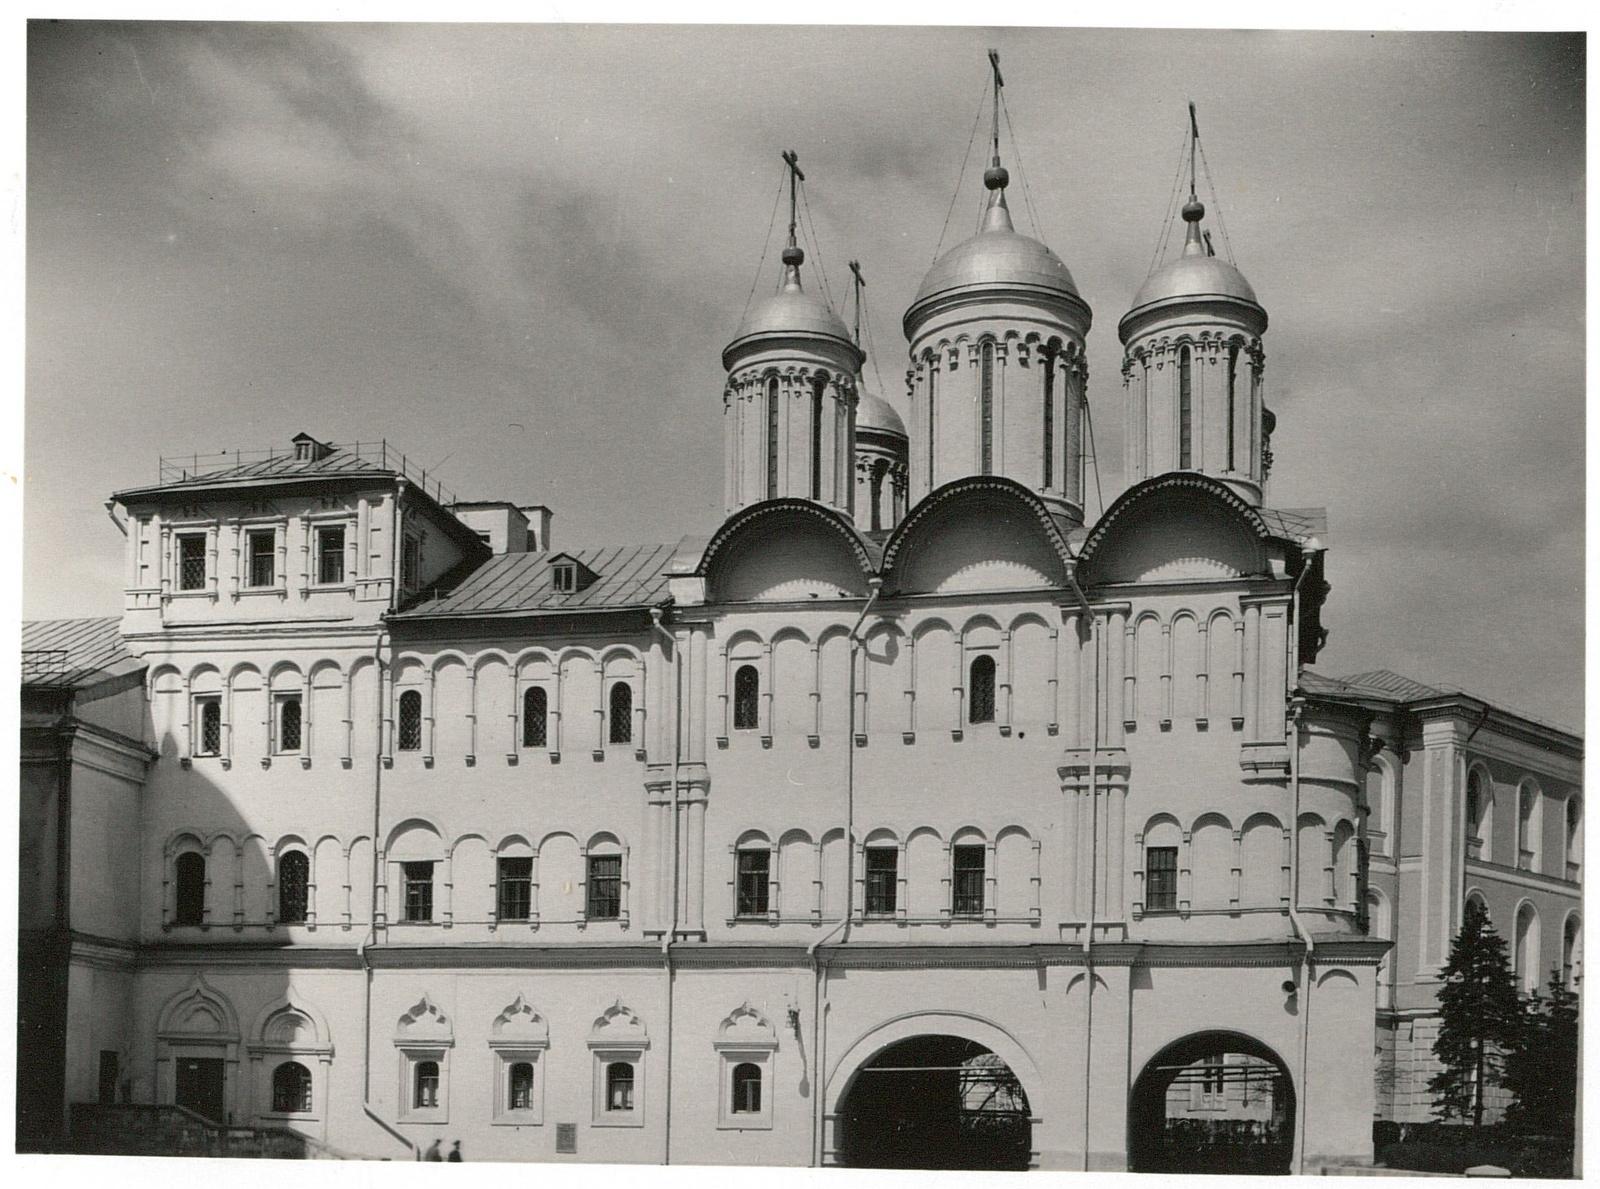 Кремль. Патриарший дворец и церковь Двенадцати апостолов, южная сторона